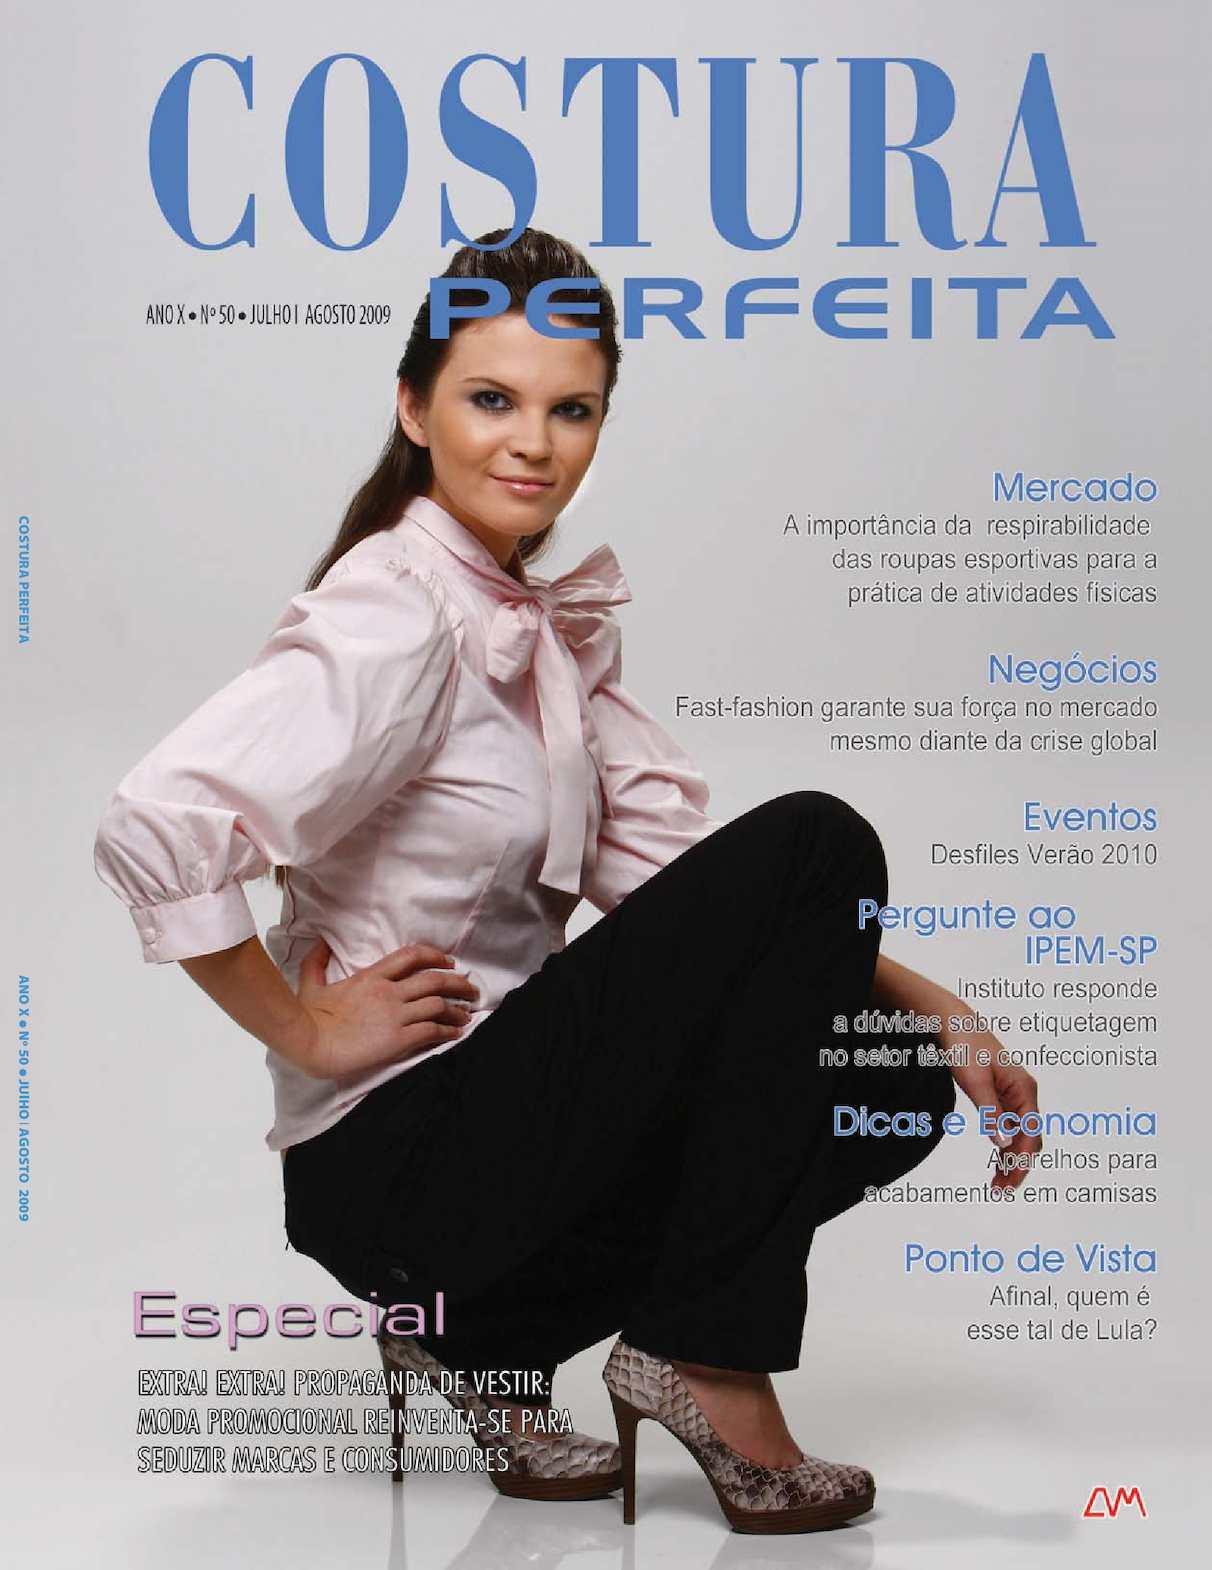 Calaméo - Revista Costura Perfeita Edição Ano X - N50 -Julho-Agosto 2009 90d23f0c55024